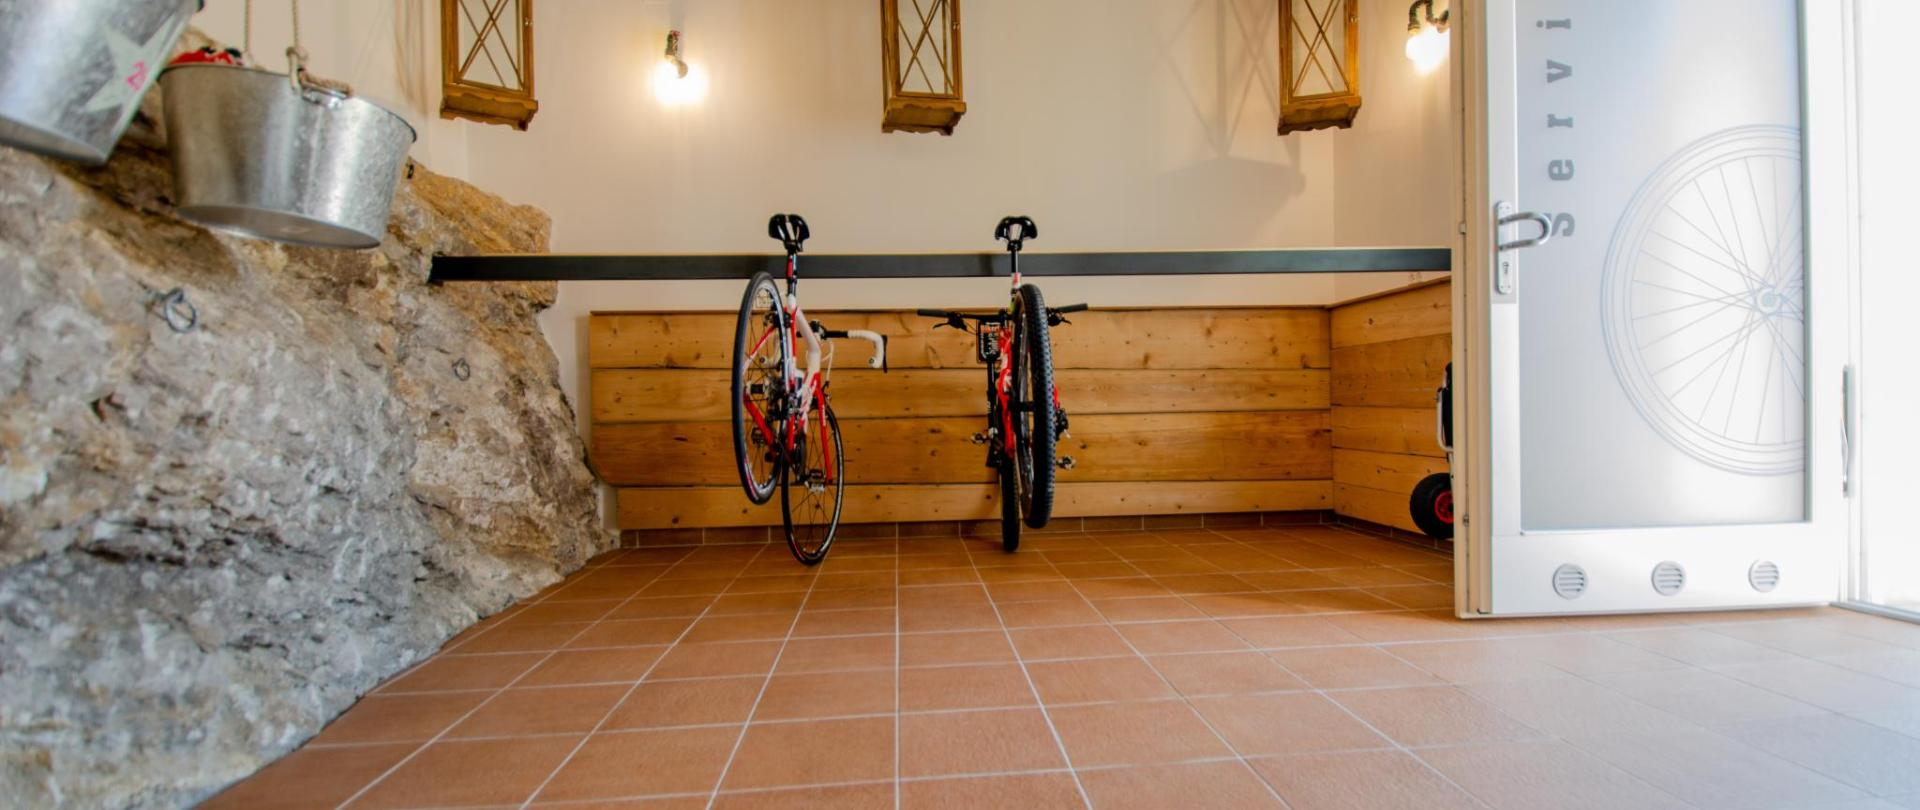 dep bike 2.jpg